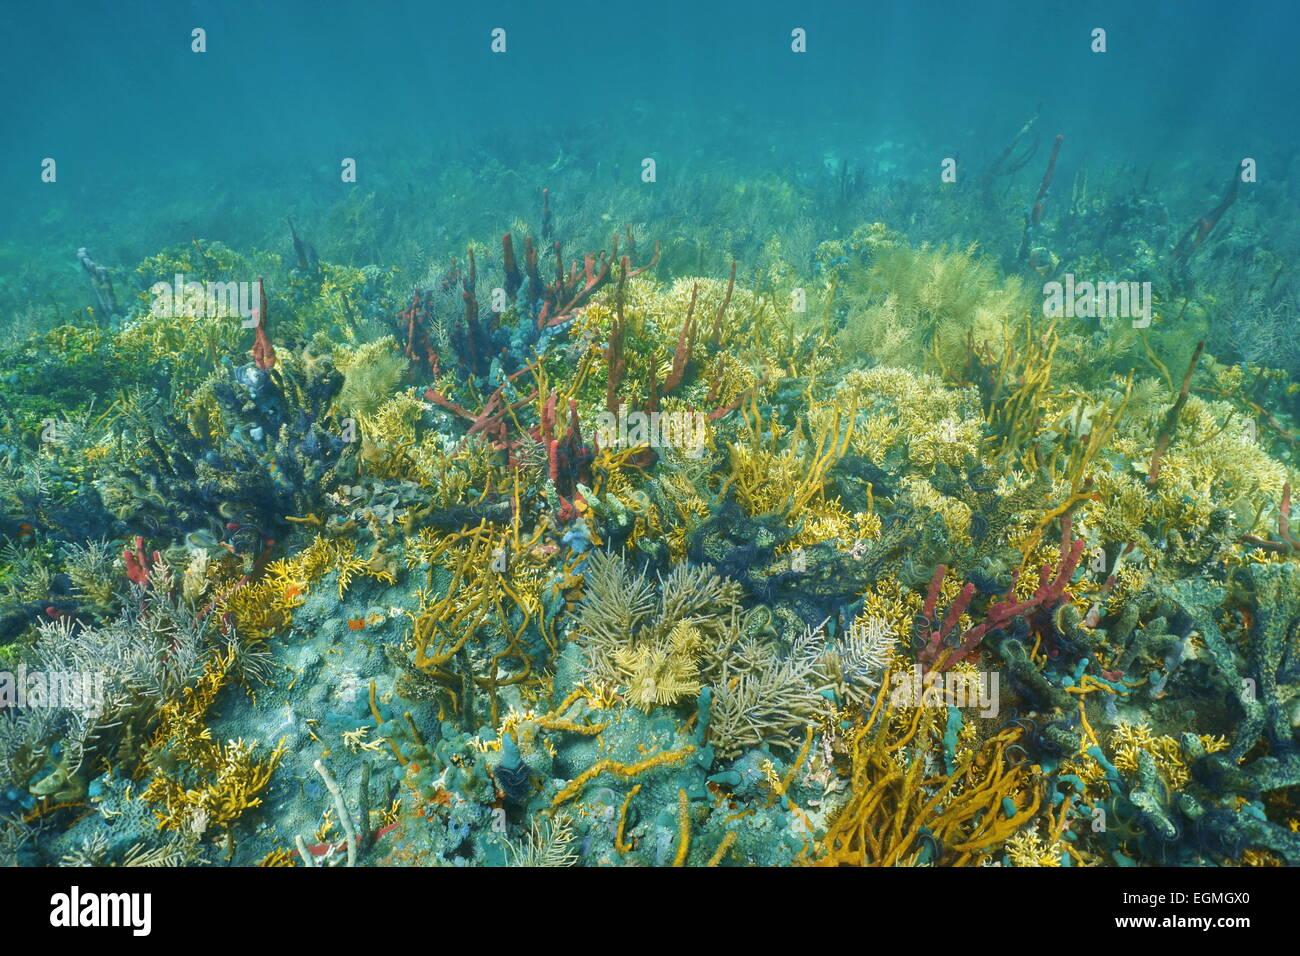 Paesaggio sottomarino su un lussureggiante e colorata barriera corallina del Mar dei Caraibi Immagini Stock